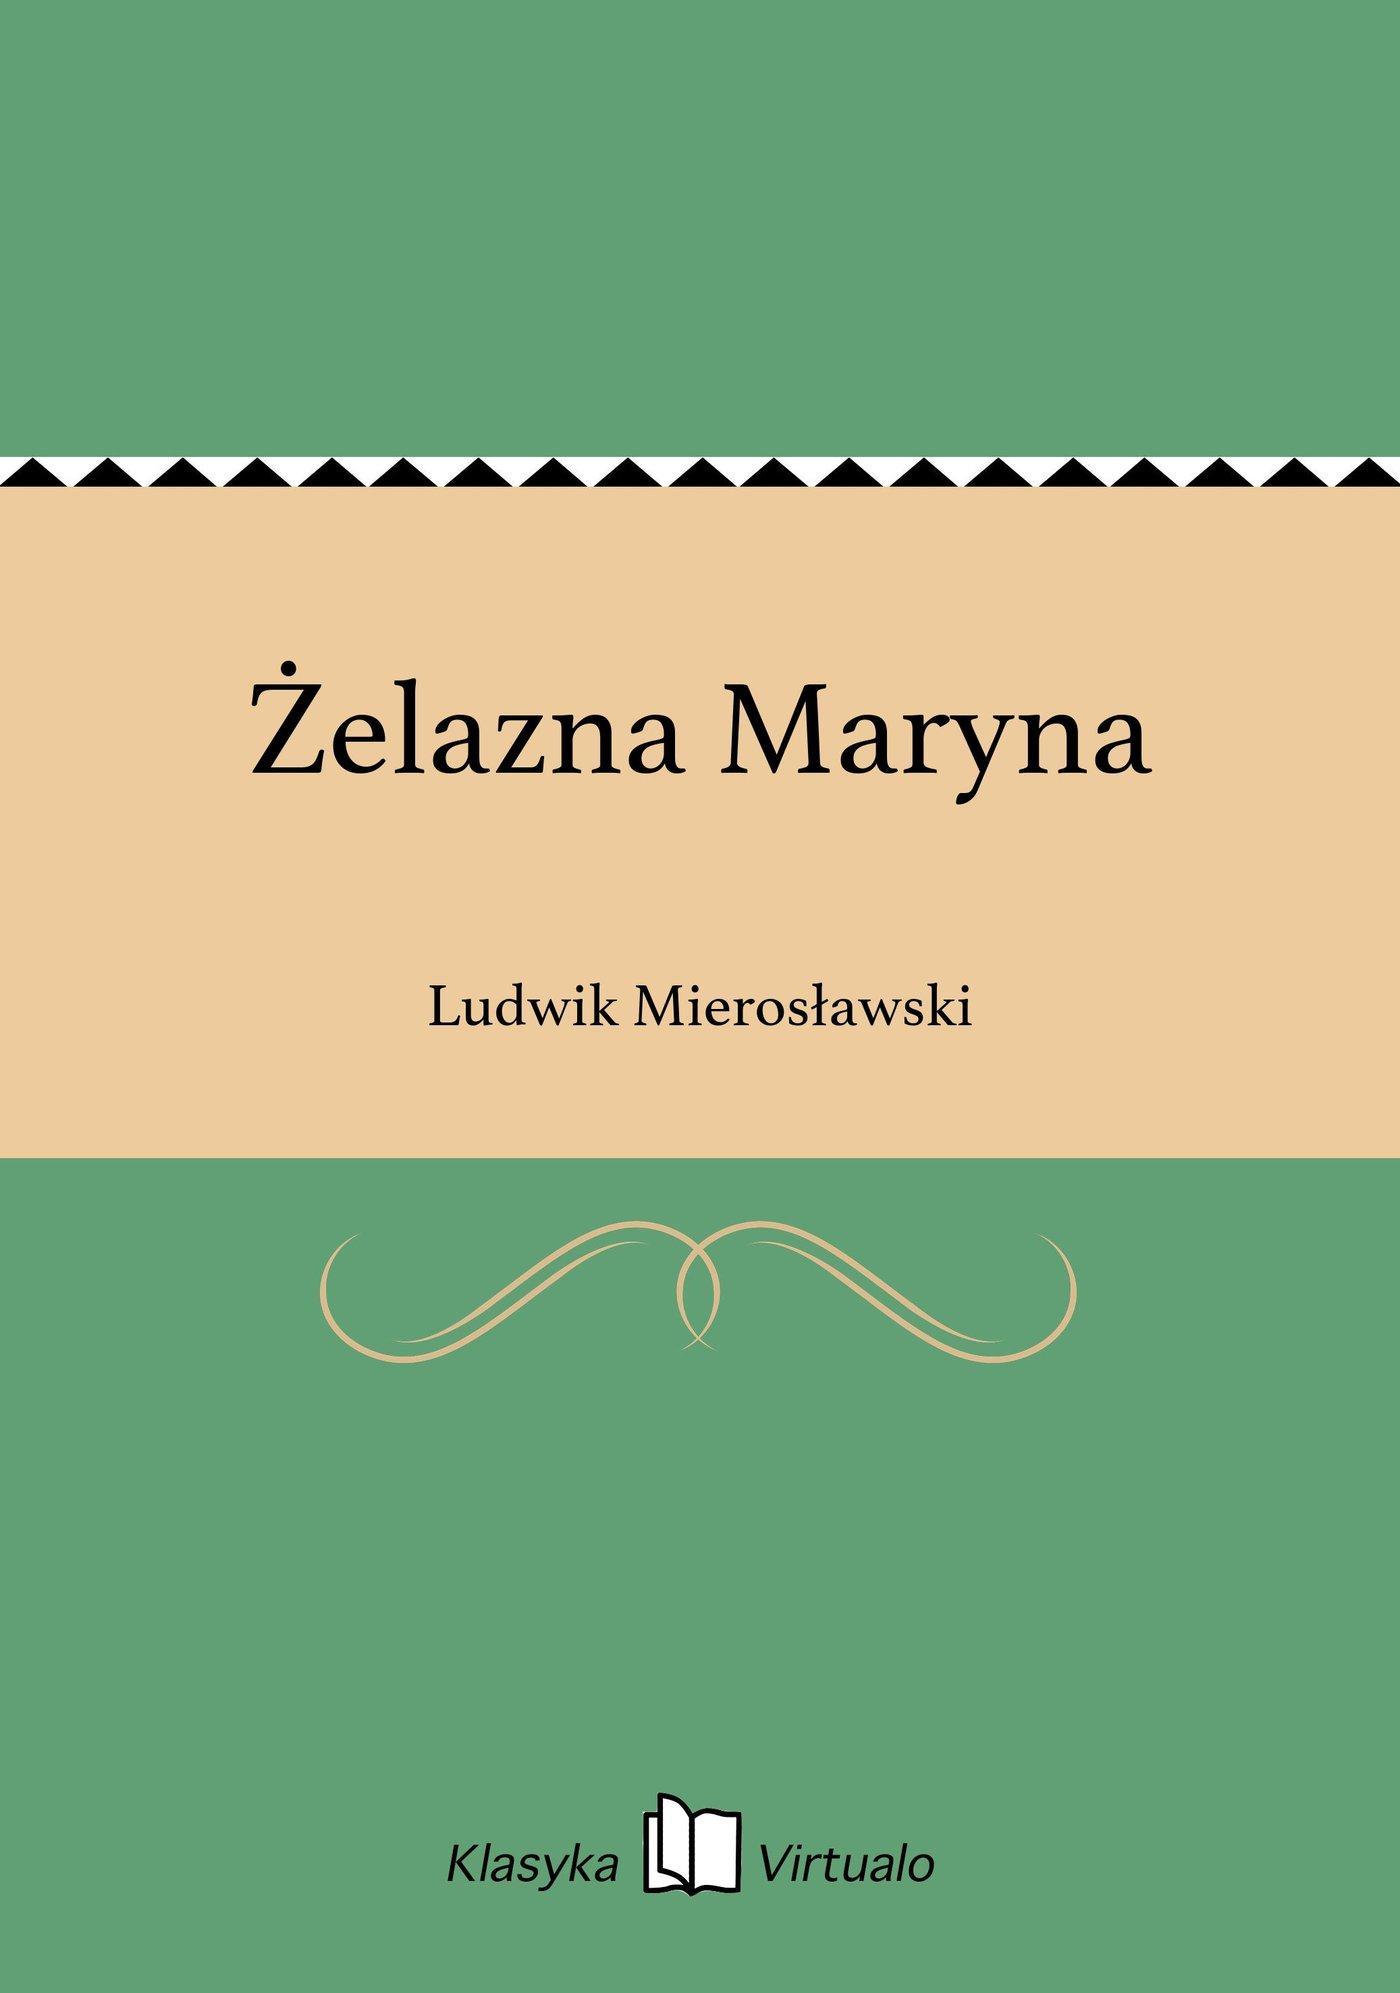 Żelazna Maryna - Ebook (Książka EPUB) do pobrania w formacie EPUB